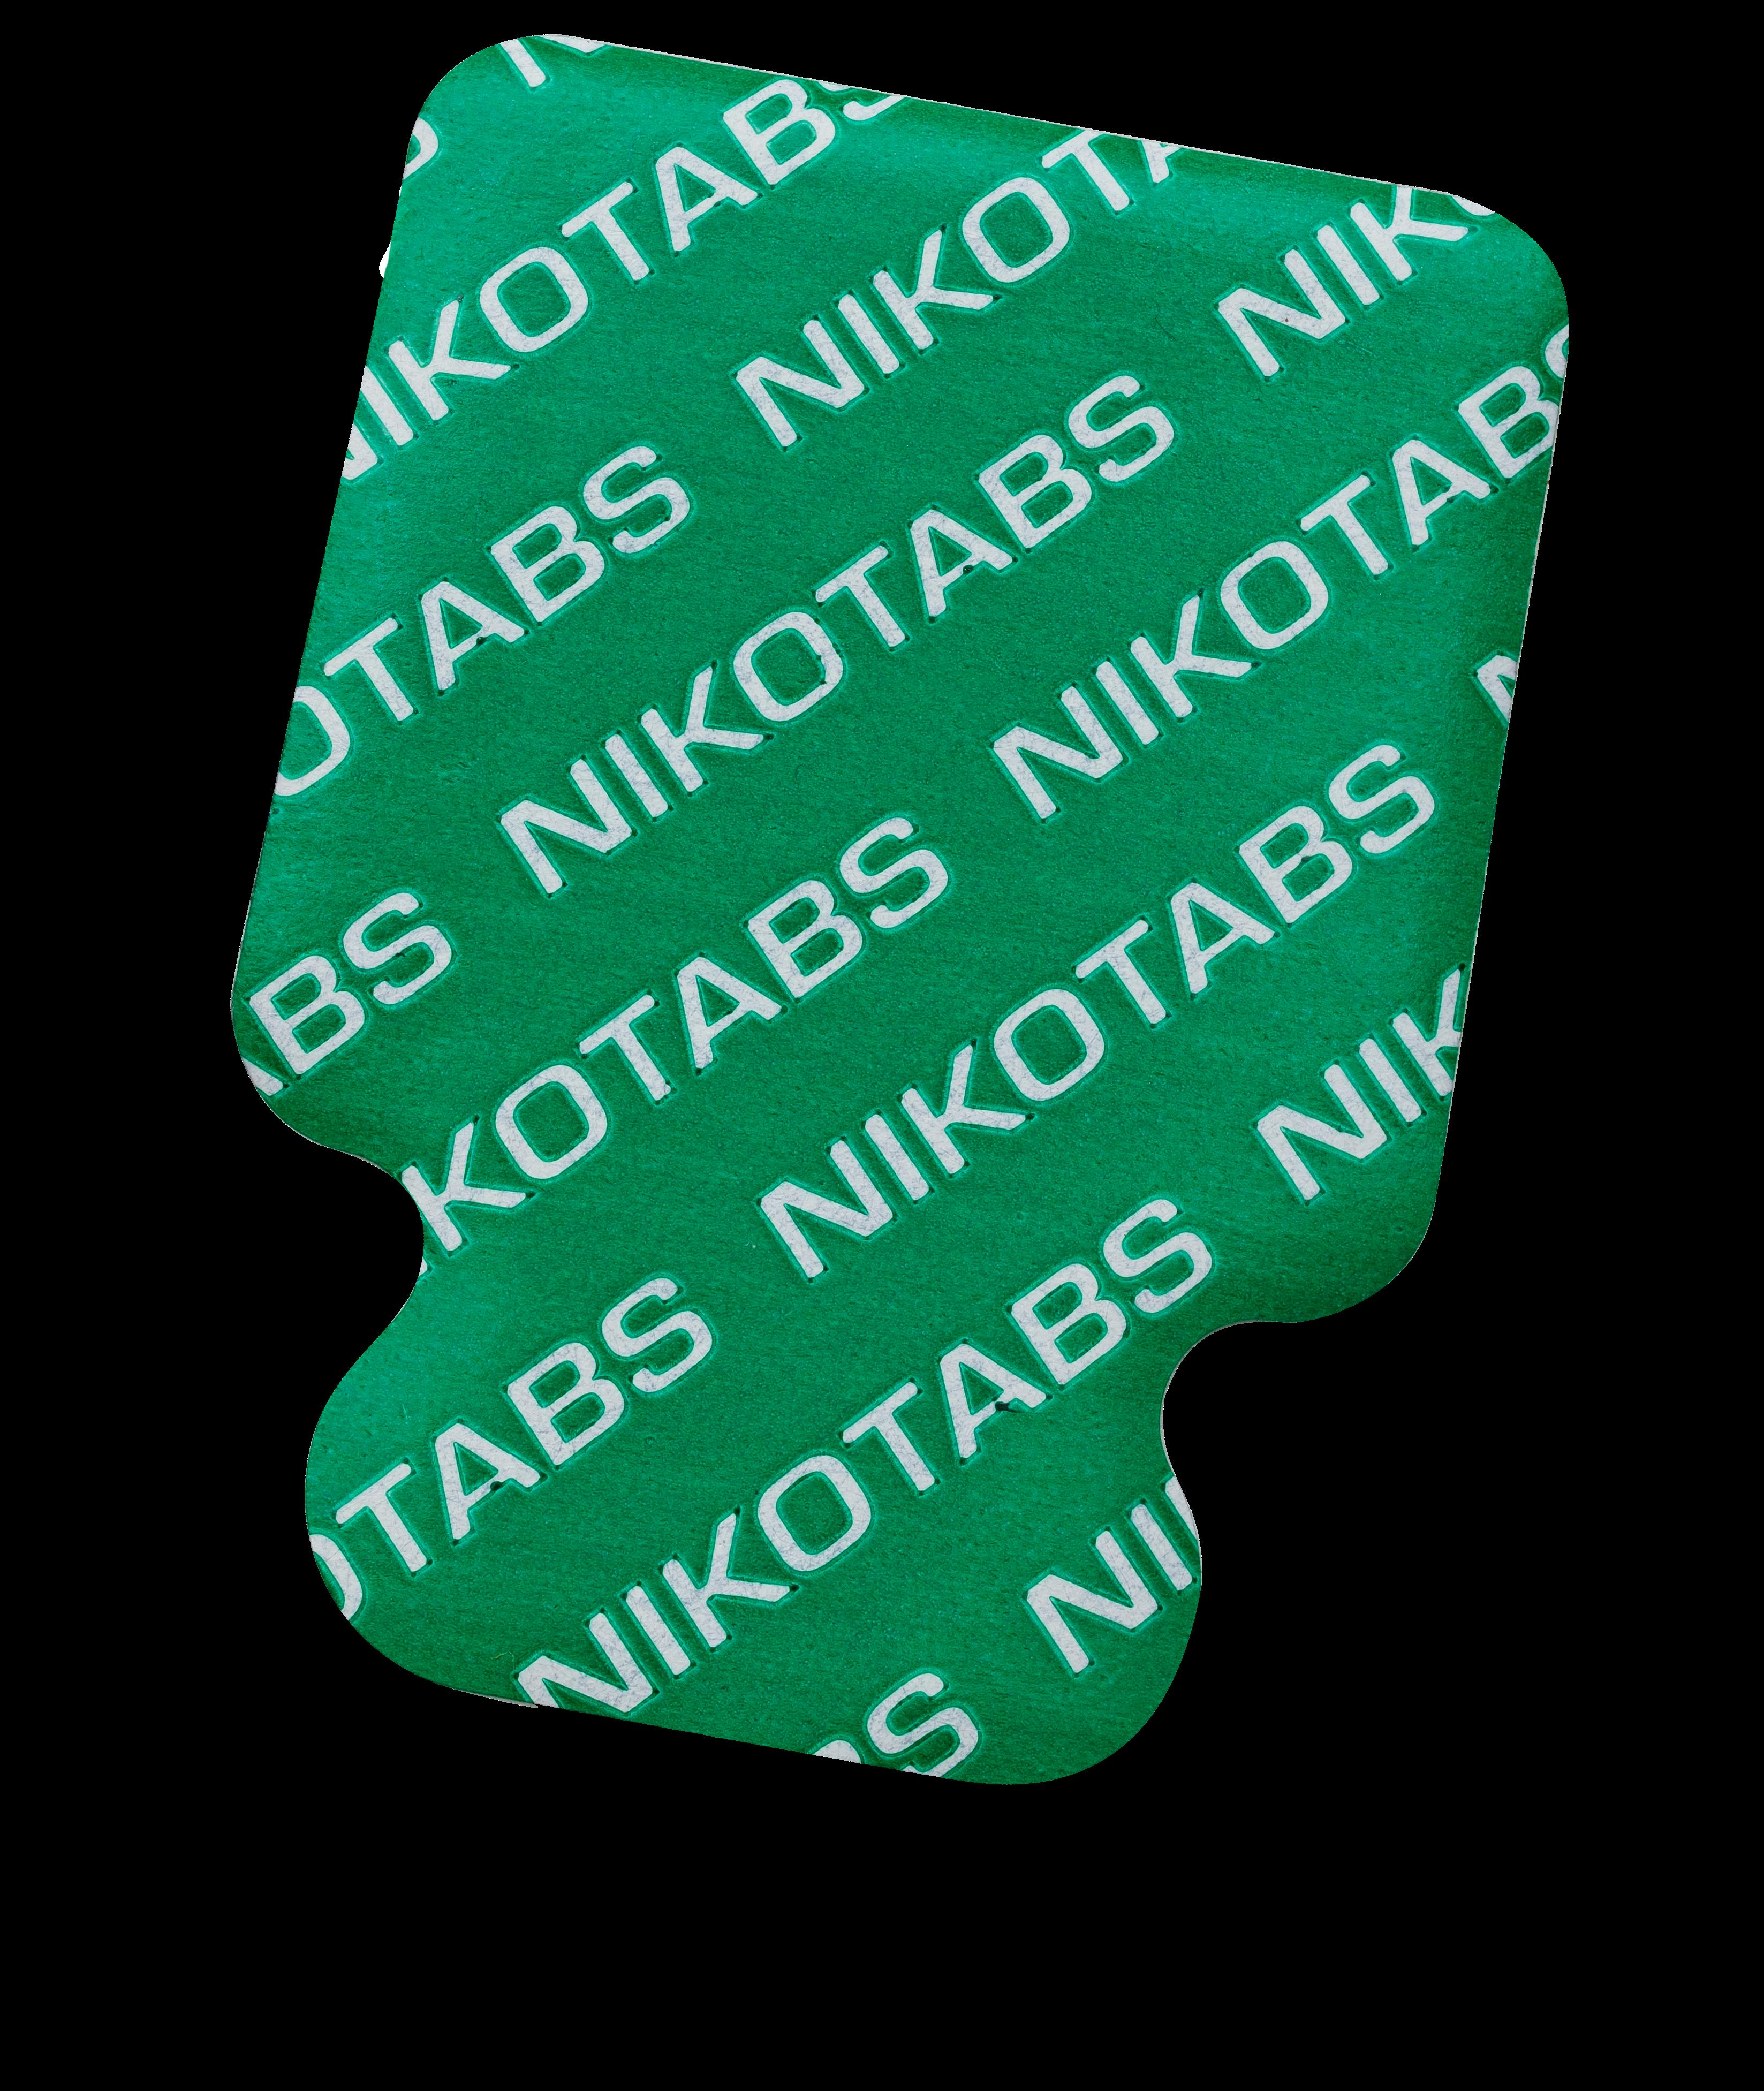 Nikotab No. 0715